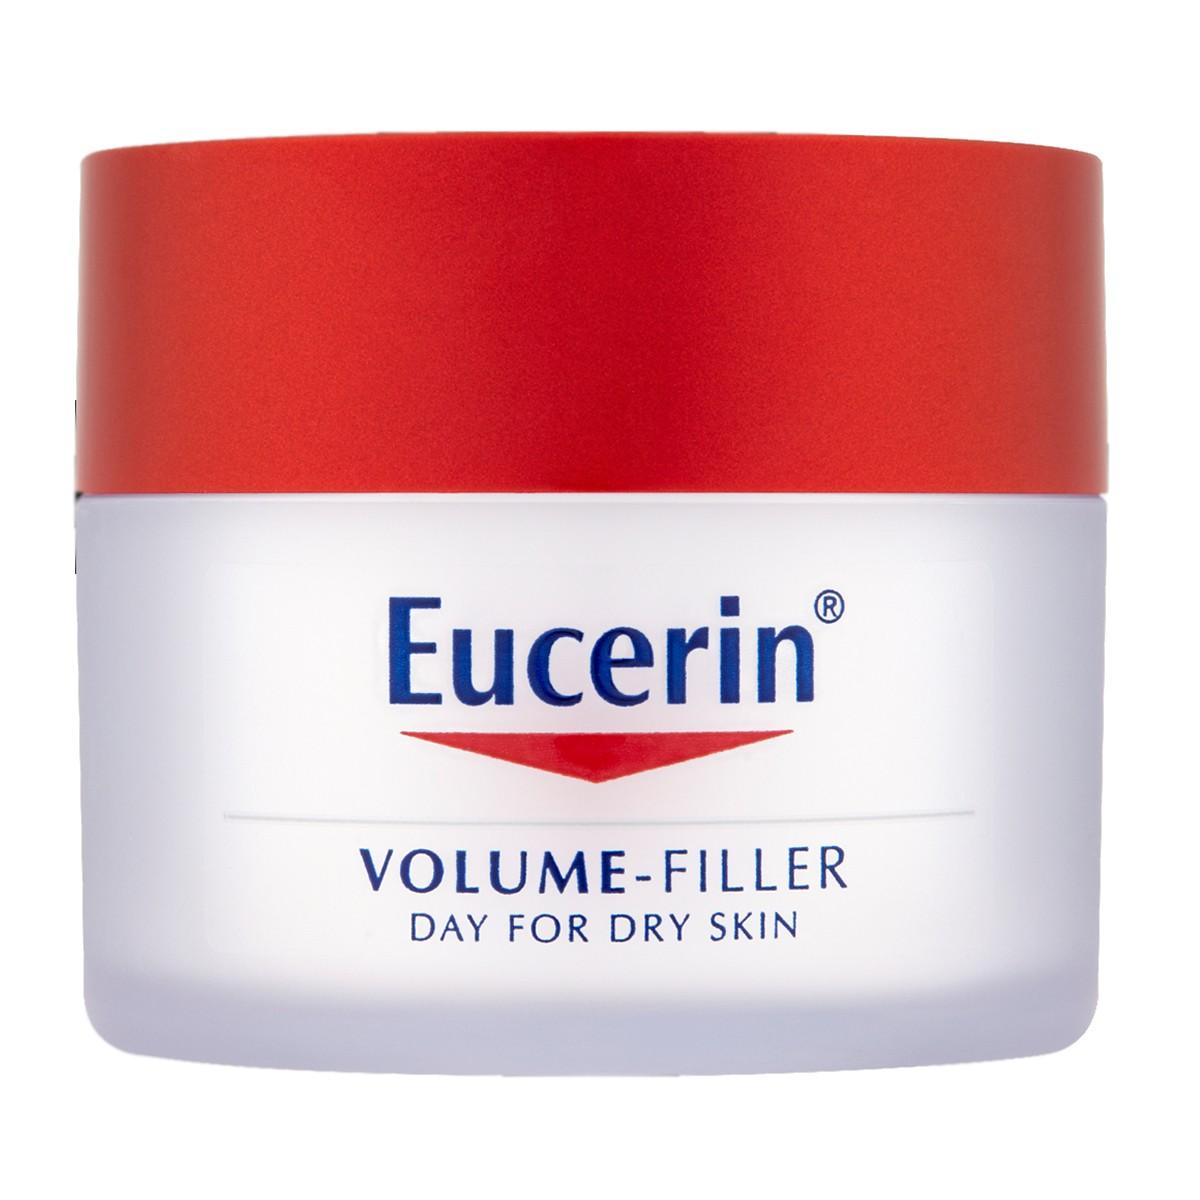 Eucerin Volume-Filler Day Cream for Dry Skin